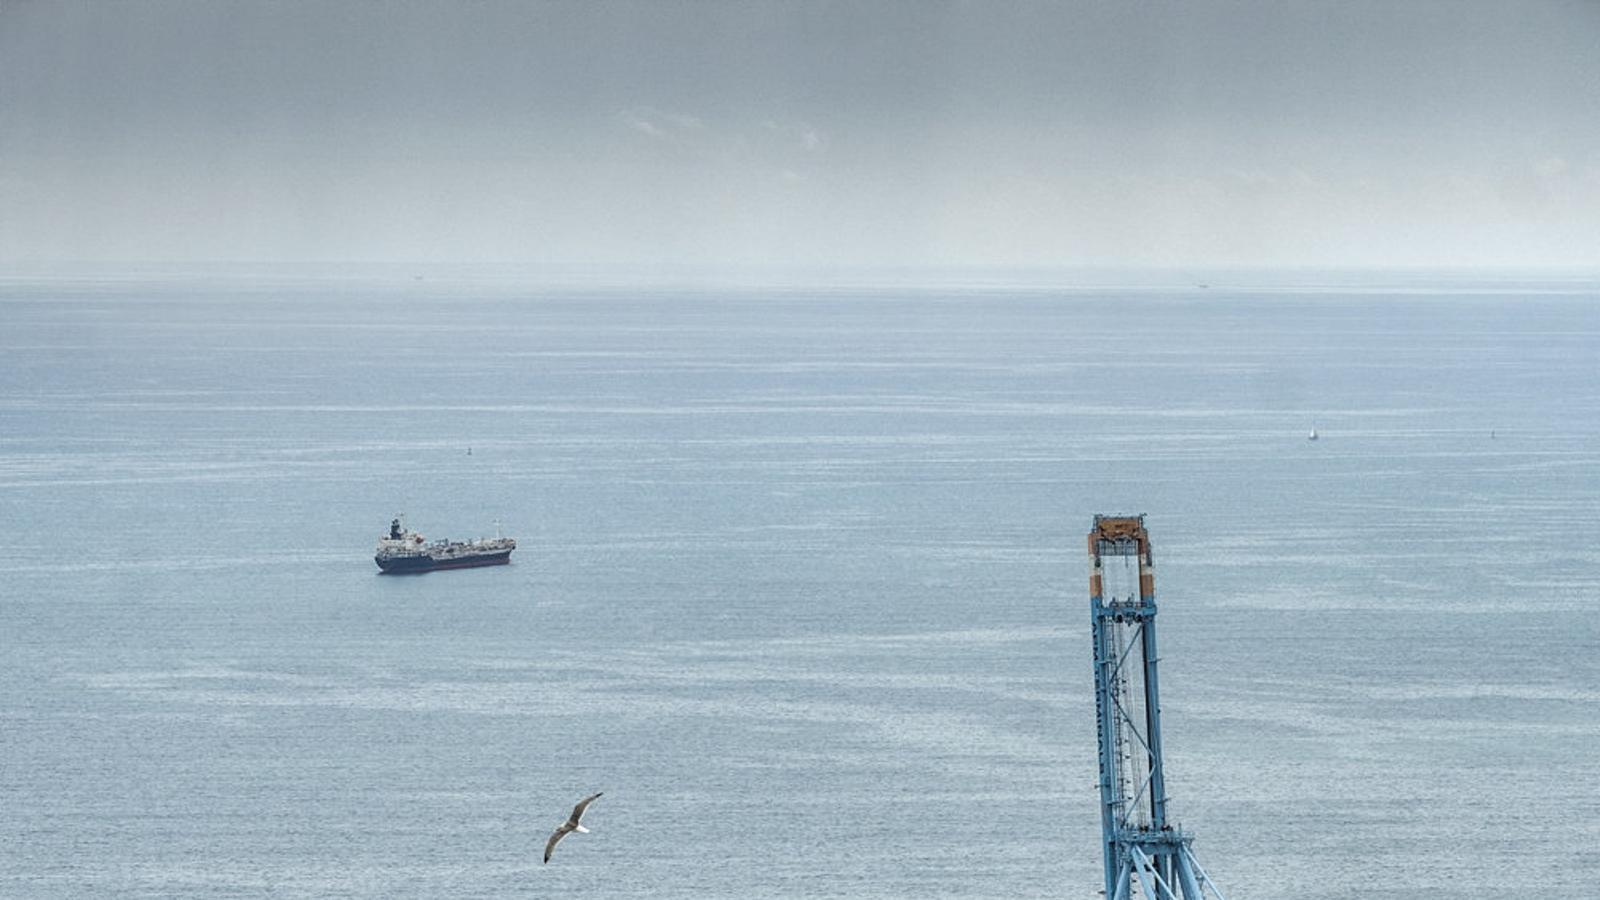 El port de Barcelona ha registrat un augment del trànsit de mercaderies el novembre i desembre del 2020.